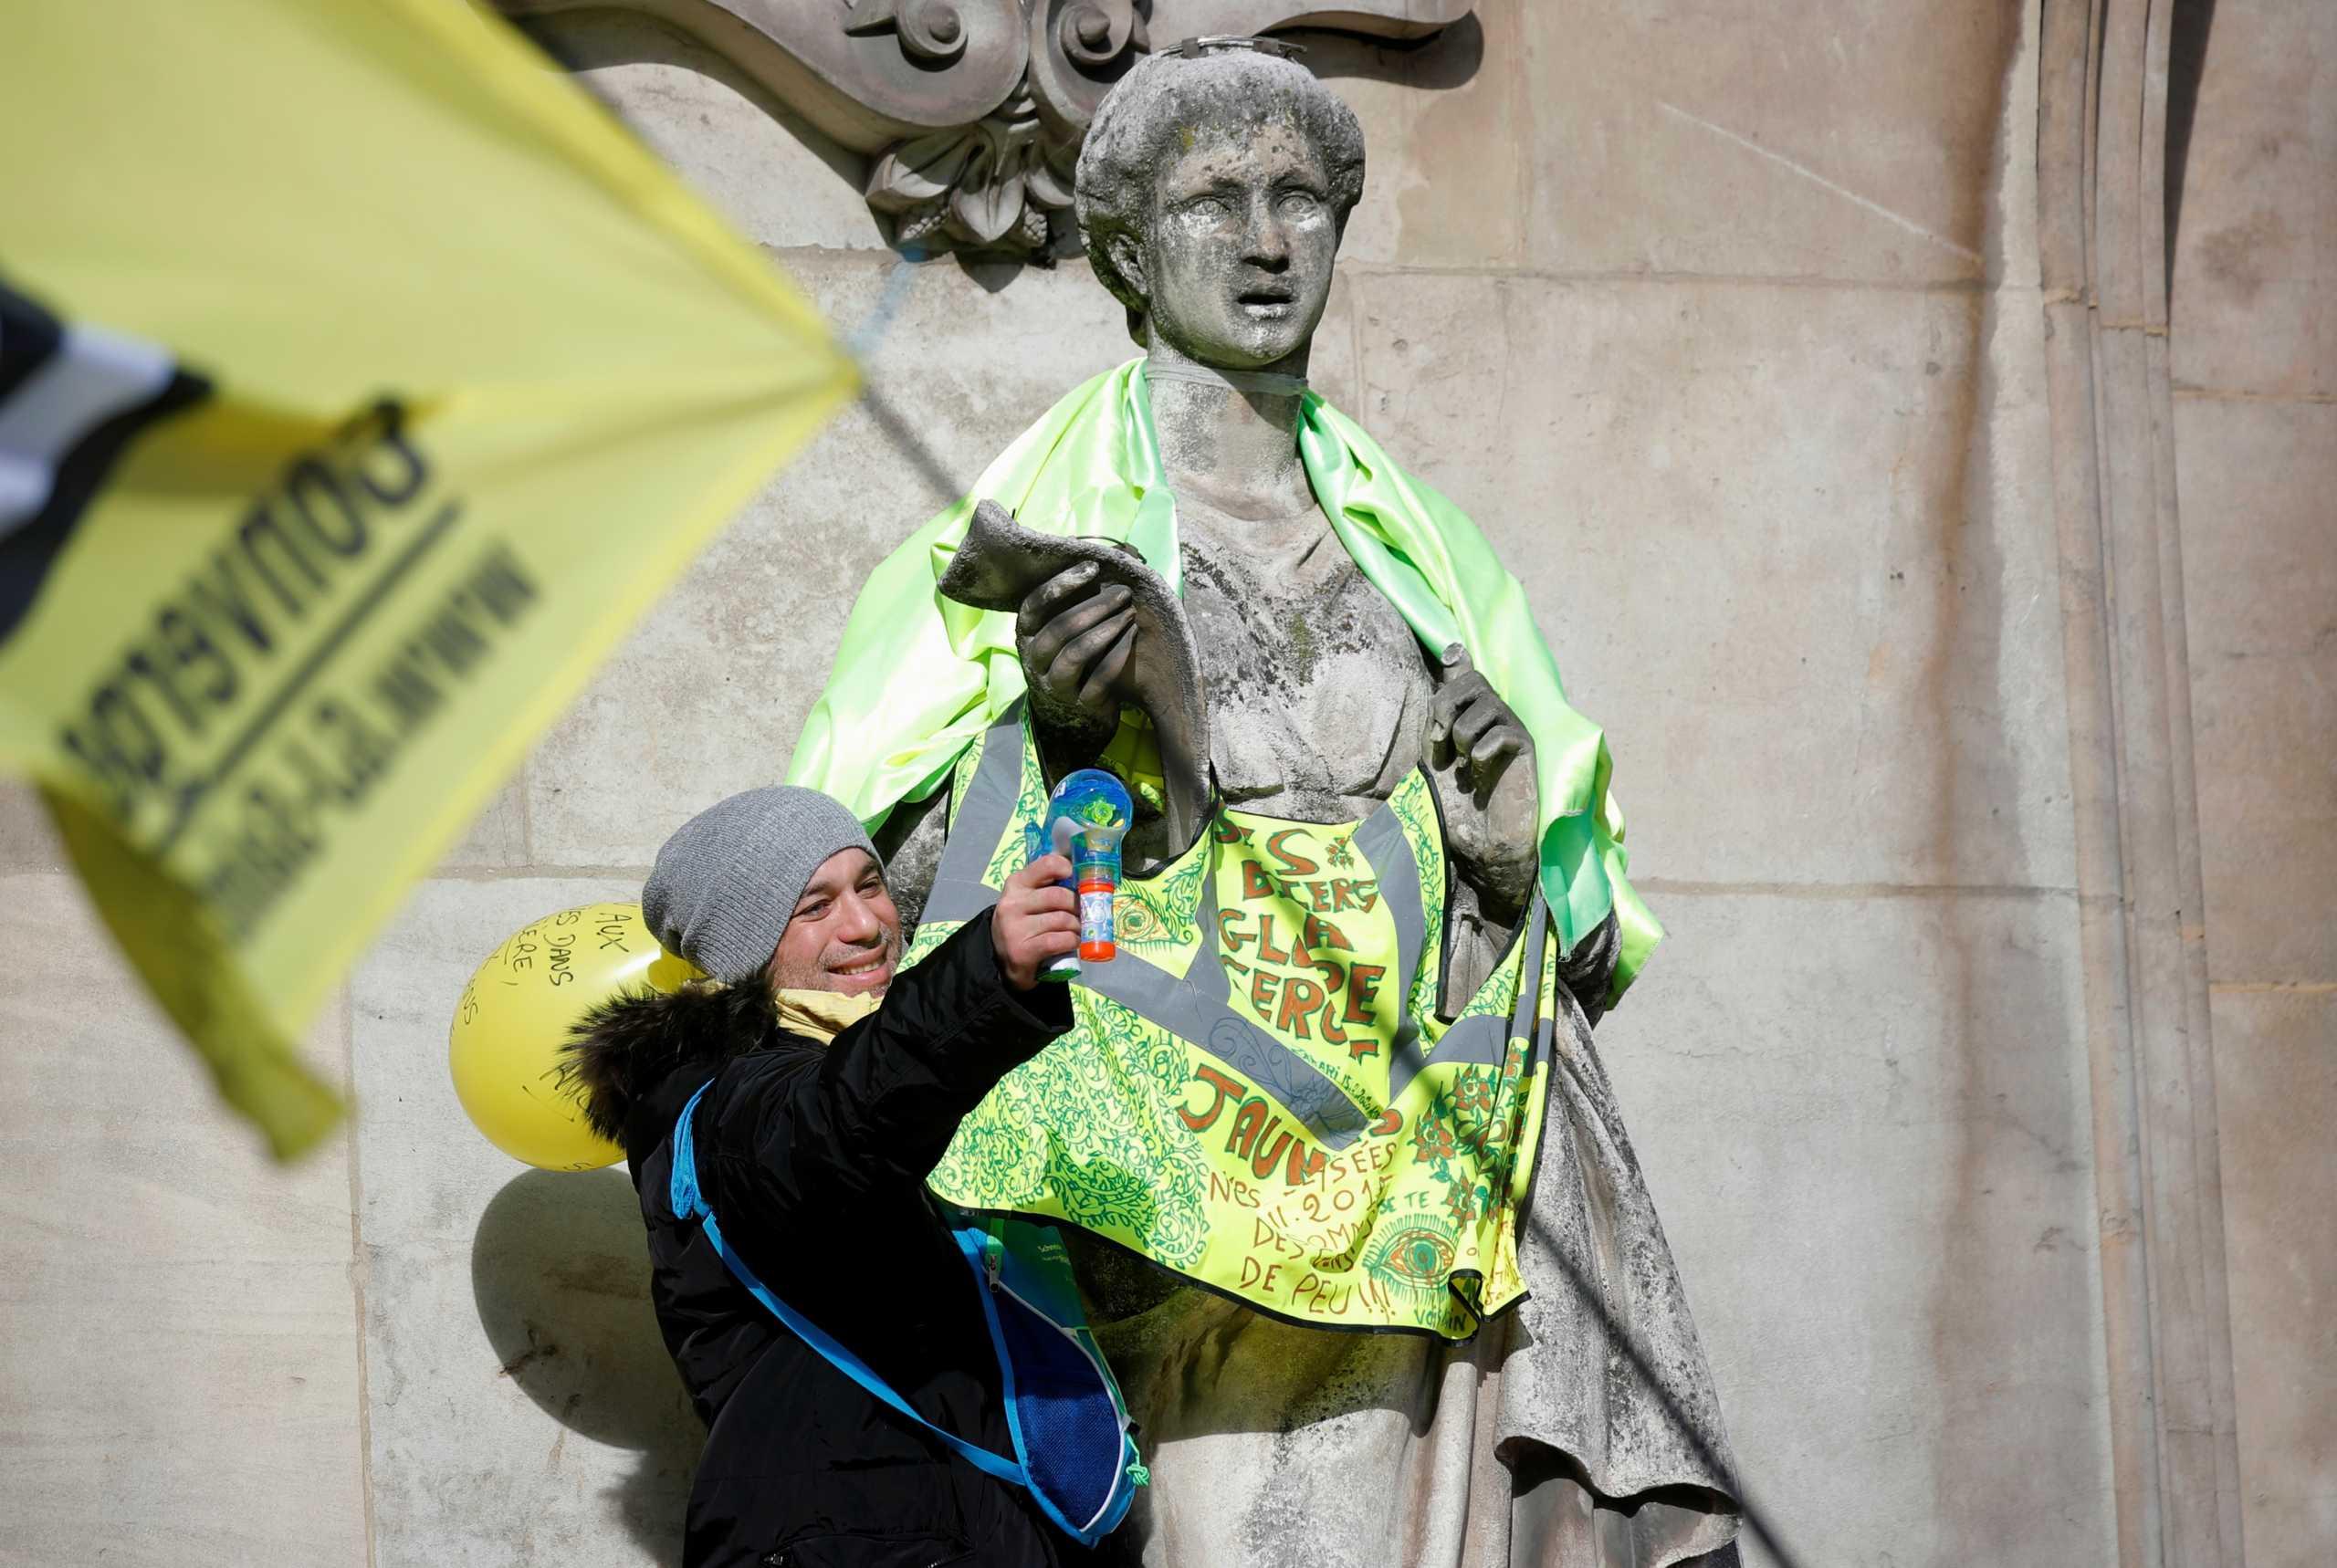 """Κορονοϊός: Τα """"Κίτρινα Γιλέκα"""" αγνόησαν τις απαγορεύσεις και διαδήλωσαν στο Παρίσι"""